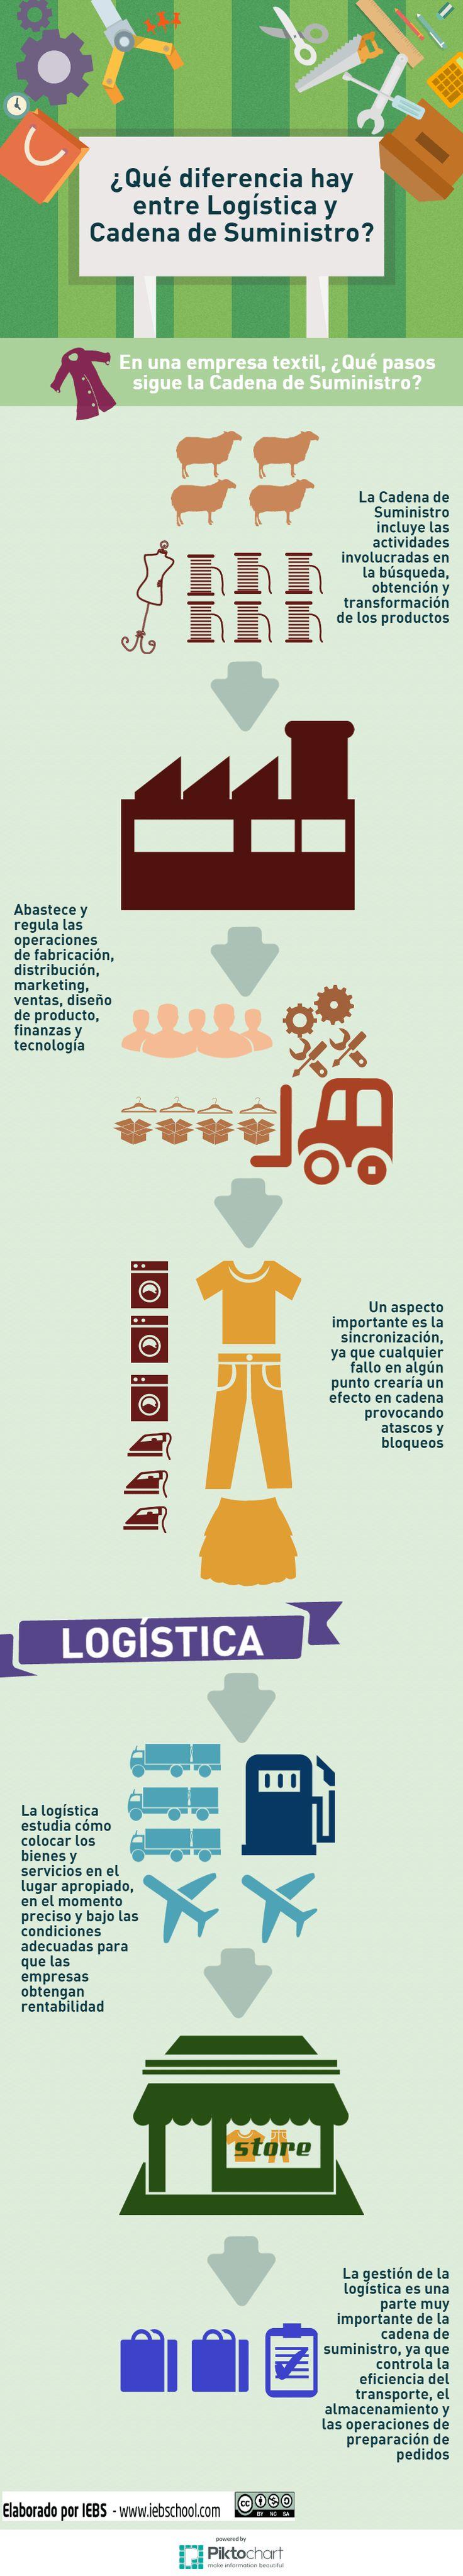 logistica-vs-cadena-suministro-infografia.png (799×4446)